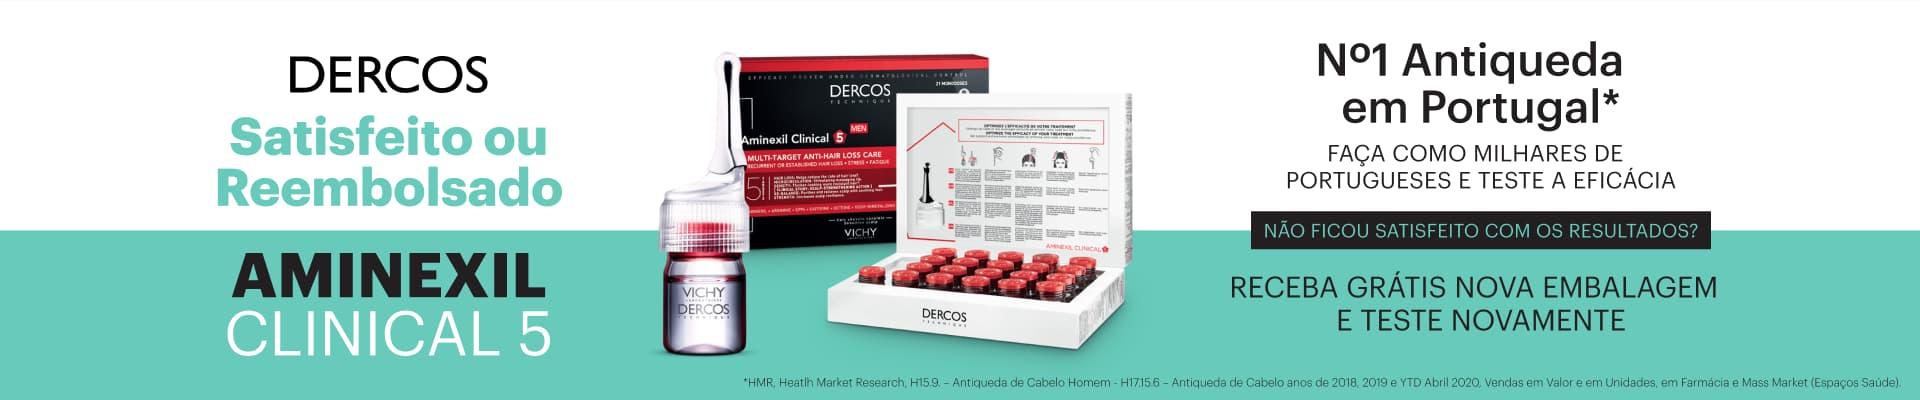 Dercos Aminexil Clinical - Satisfeito ou Reembolsado